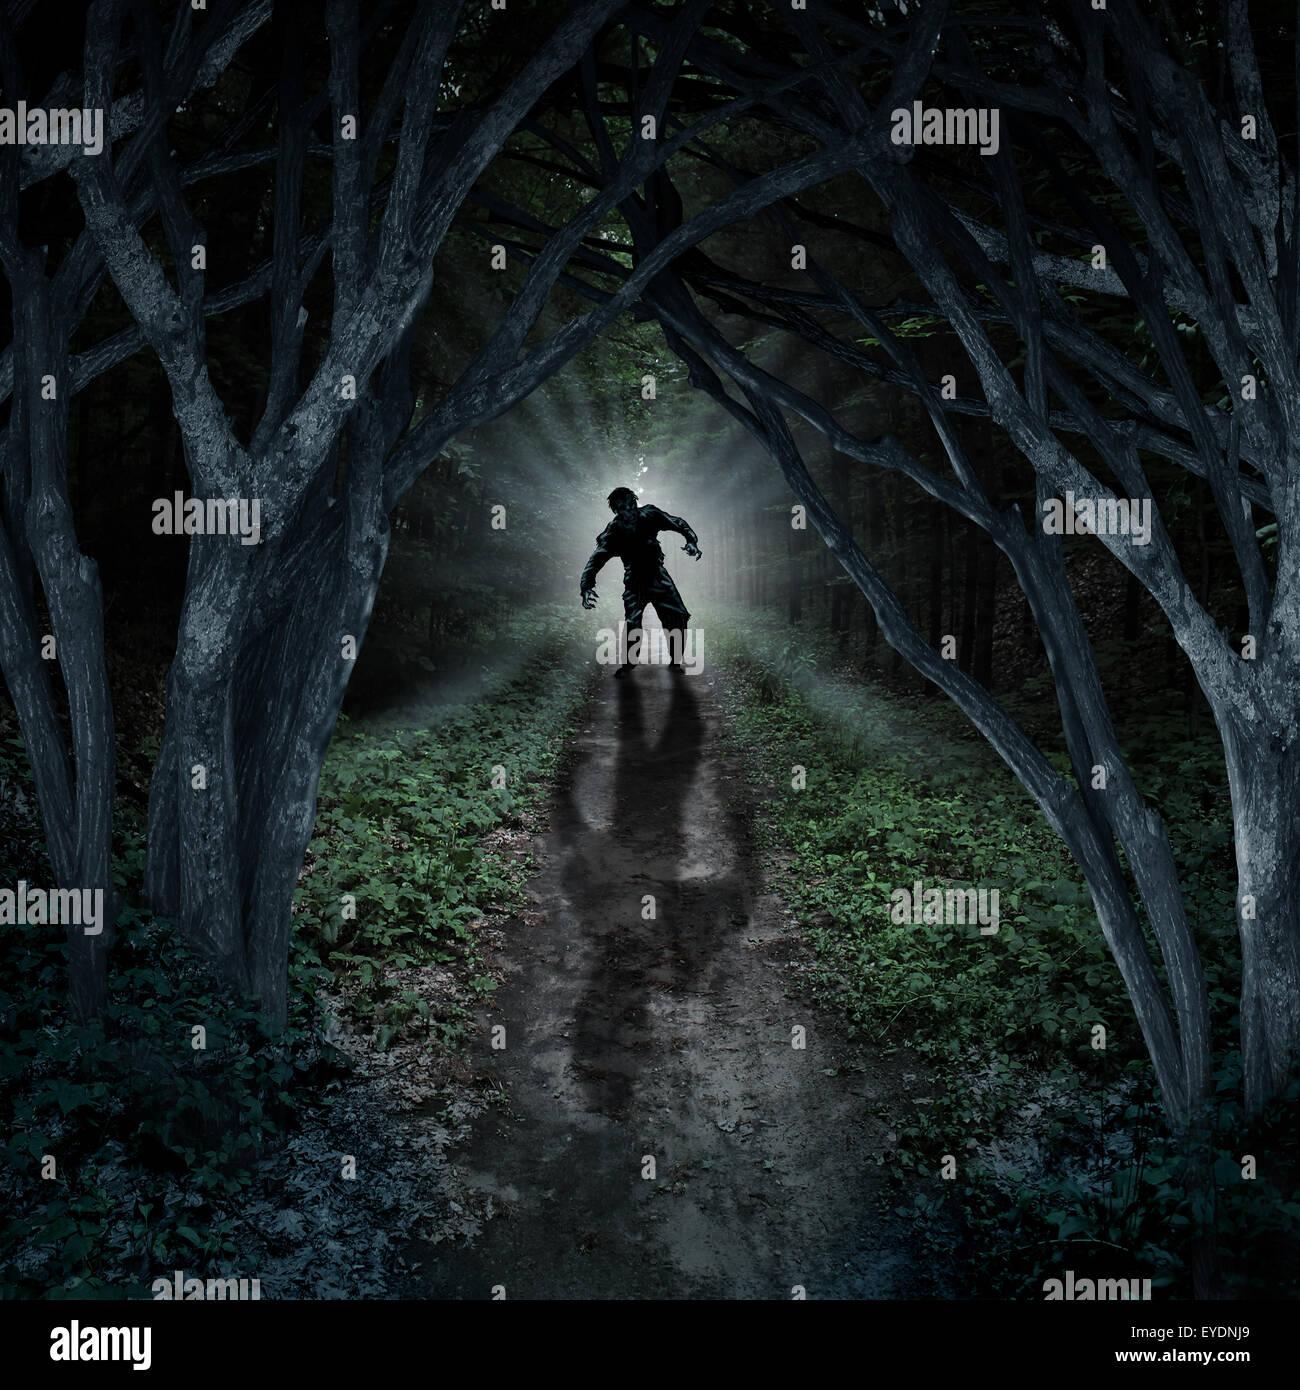 Horror monster caminar en un bosque oscuro como un concepto de fantasía aterradora con un escalofriante cosa Imagen De Stock